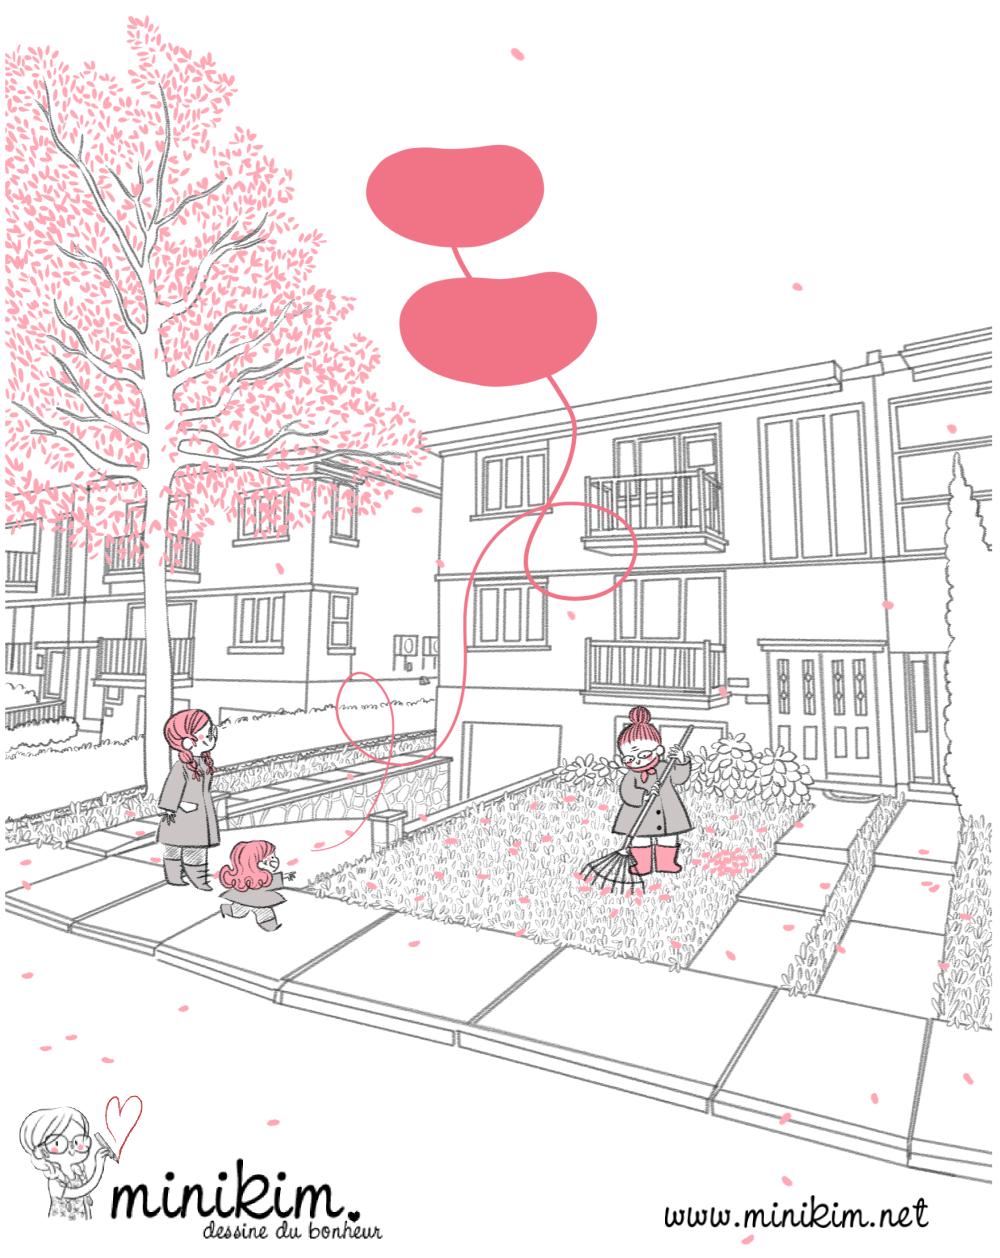 Minikim, pelouse, Montréal, dessin de Montréal, rues de Montréal, duplex, condos, ramasser les feuilles, mots d'enfants, rose, feuilles qui tombent, pelouses, Vivre à Montréal, été indien, cute, bande dessinée, Minikim, illustrateur, Artiste, autrice, BD,